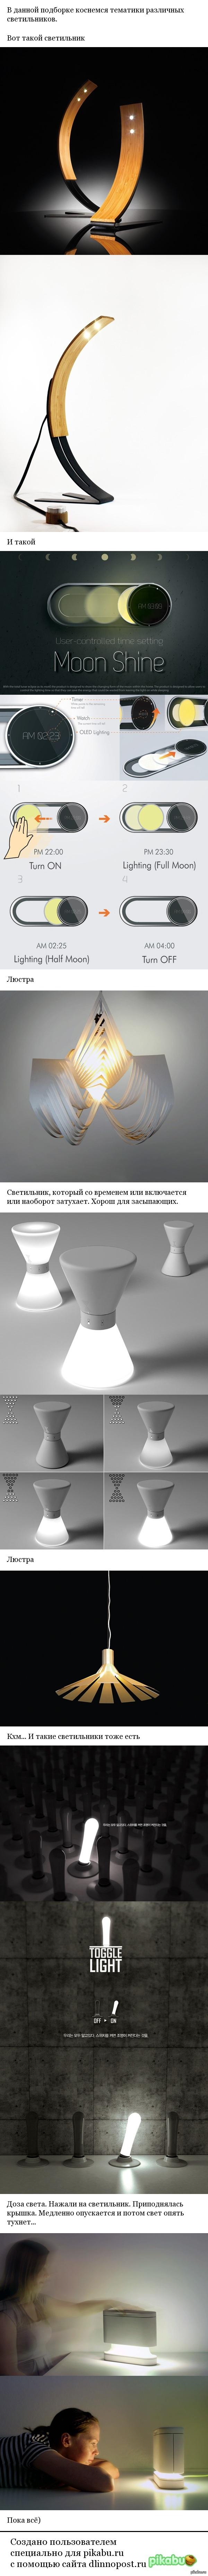 Интересные концепты №218 Очередная подборка концептов из области осветительных приборов